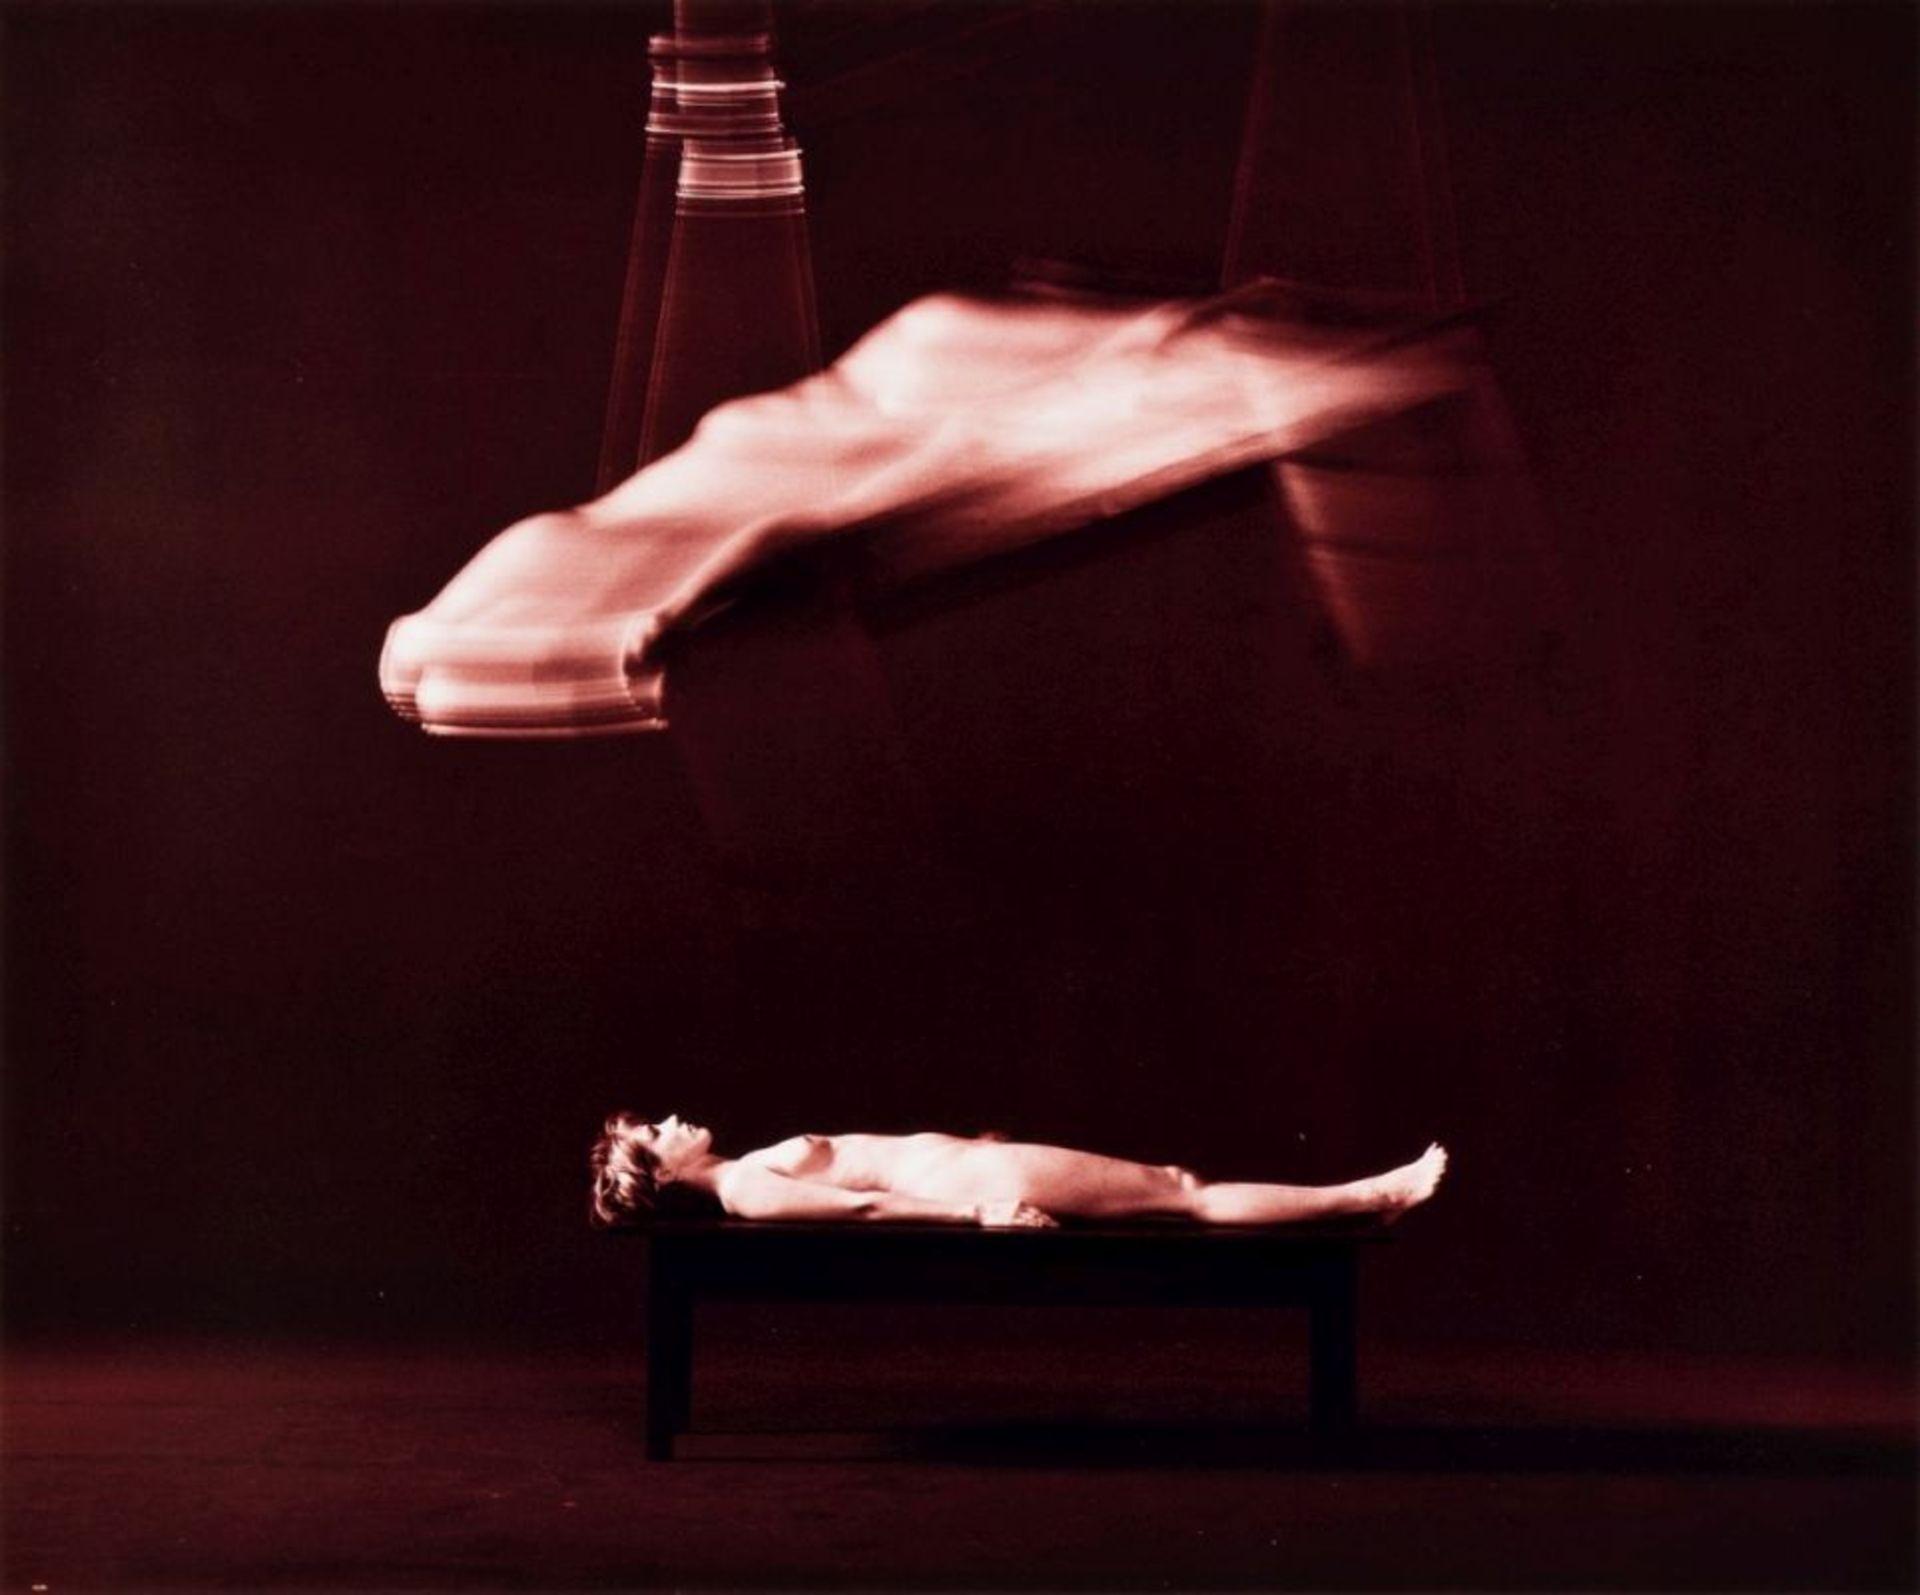 JÜRGEN KLAUKE(1943 KLIDING)BEWUSSTSEINSERWEITERUNG, 2001Farbfotografie auf Kodak Professional, 50,